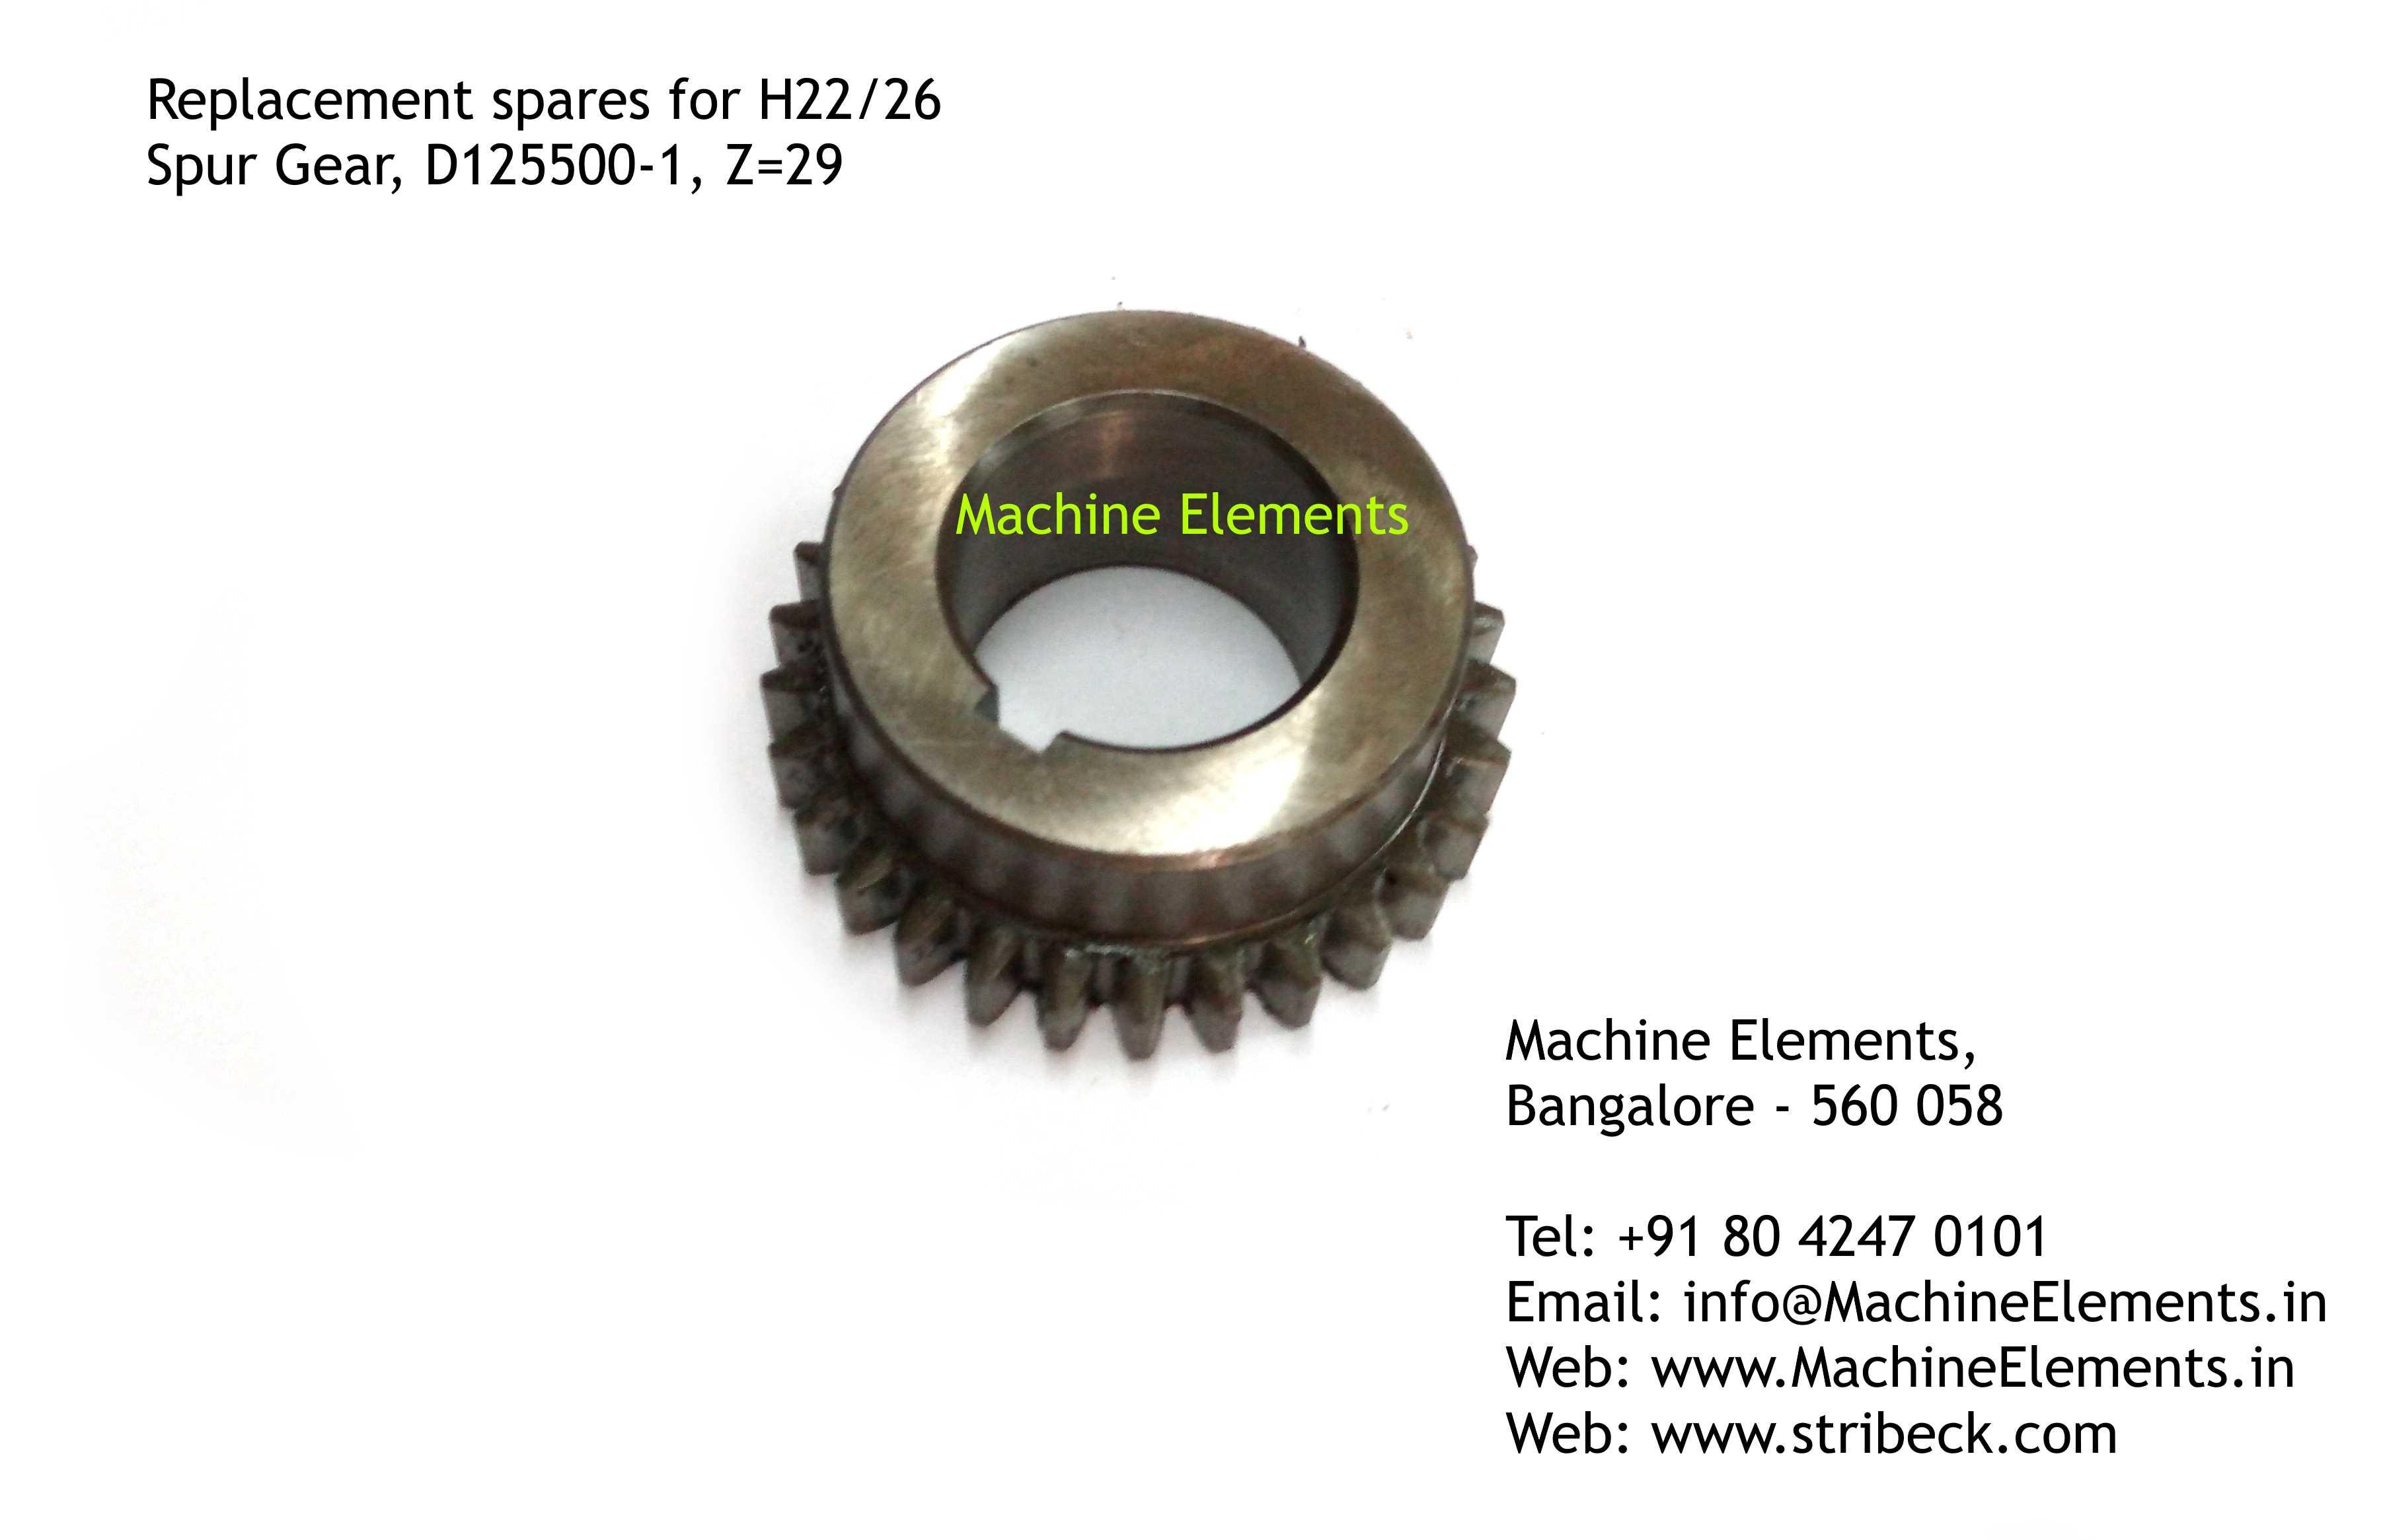 Spur Gear, D125500-1